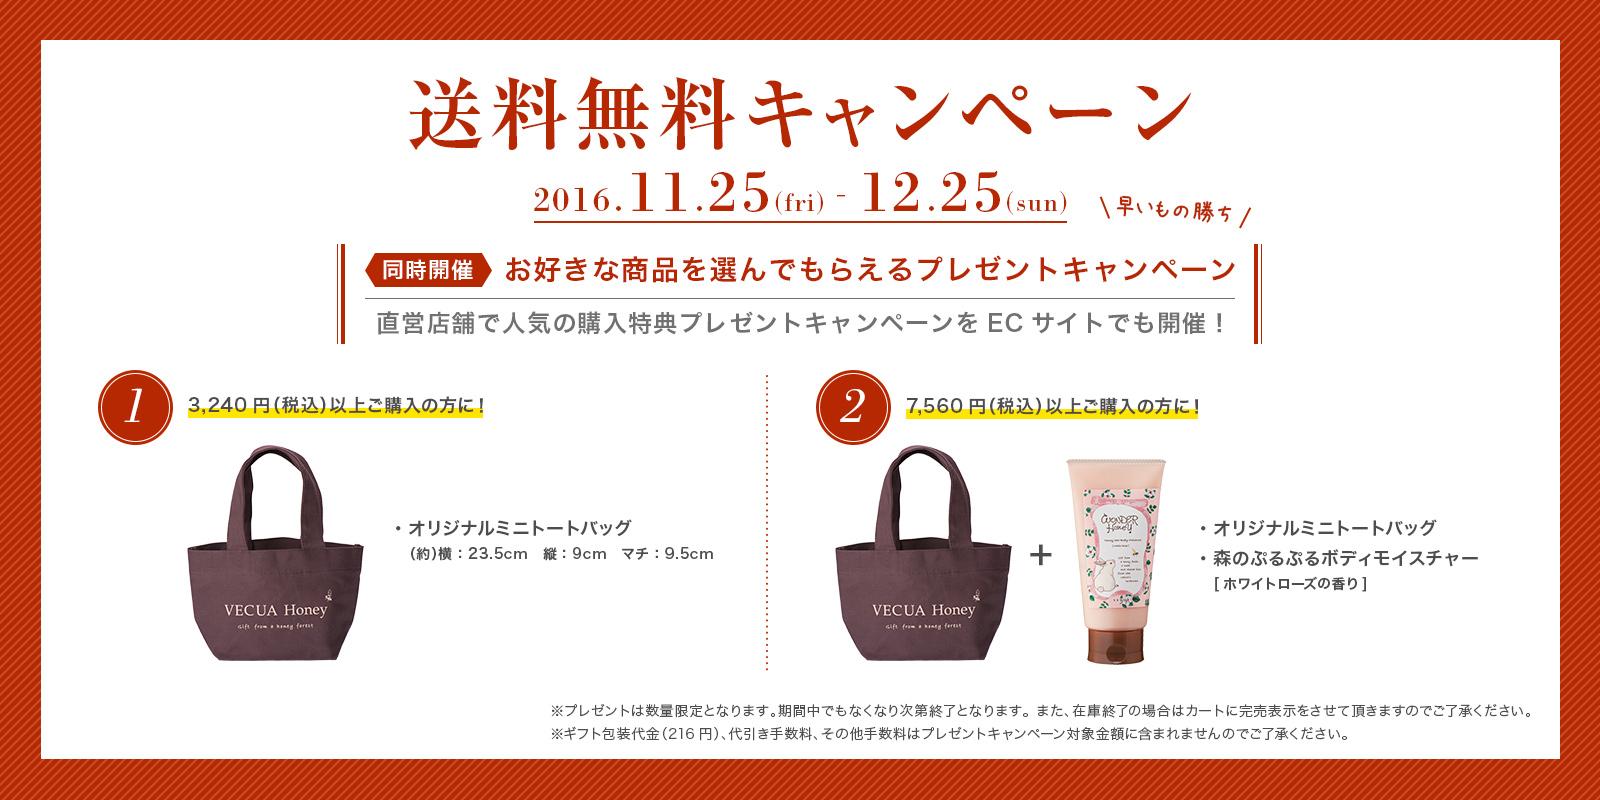 送料無料のお知らせ!11/25(FRI)〜12/25(SUN)まで